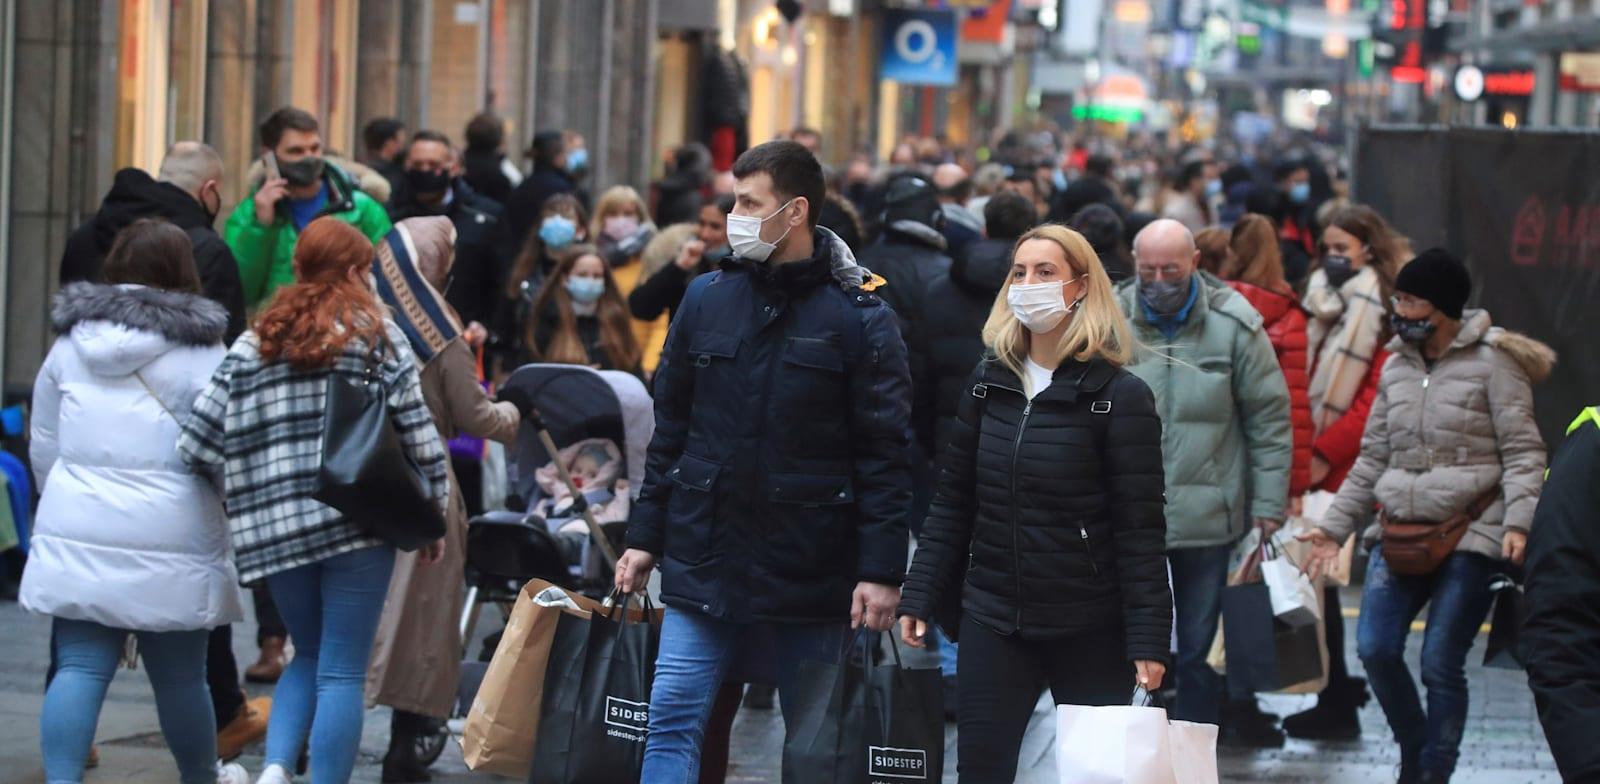 אנשים מבצעים קניות לקראת חג המולד בעיר הגרמנית קלן בסוף השבוע האחרון / צילום: Reuters, Wolfgang Rattay